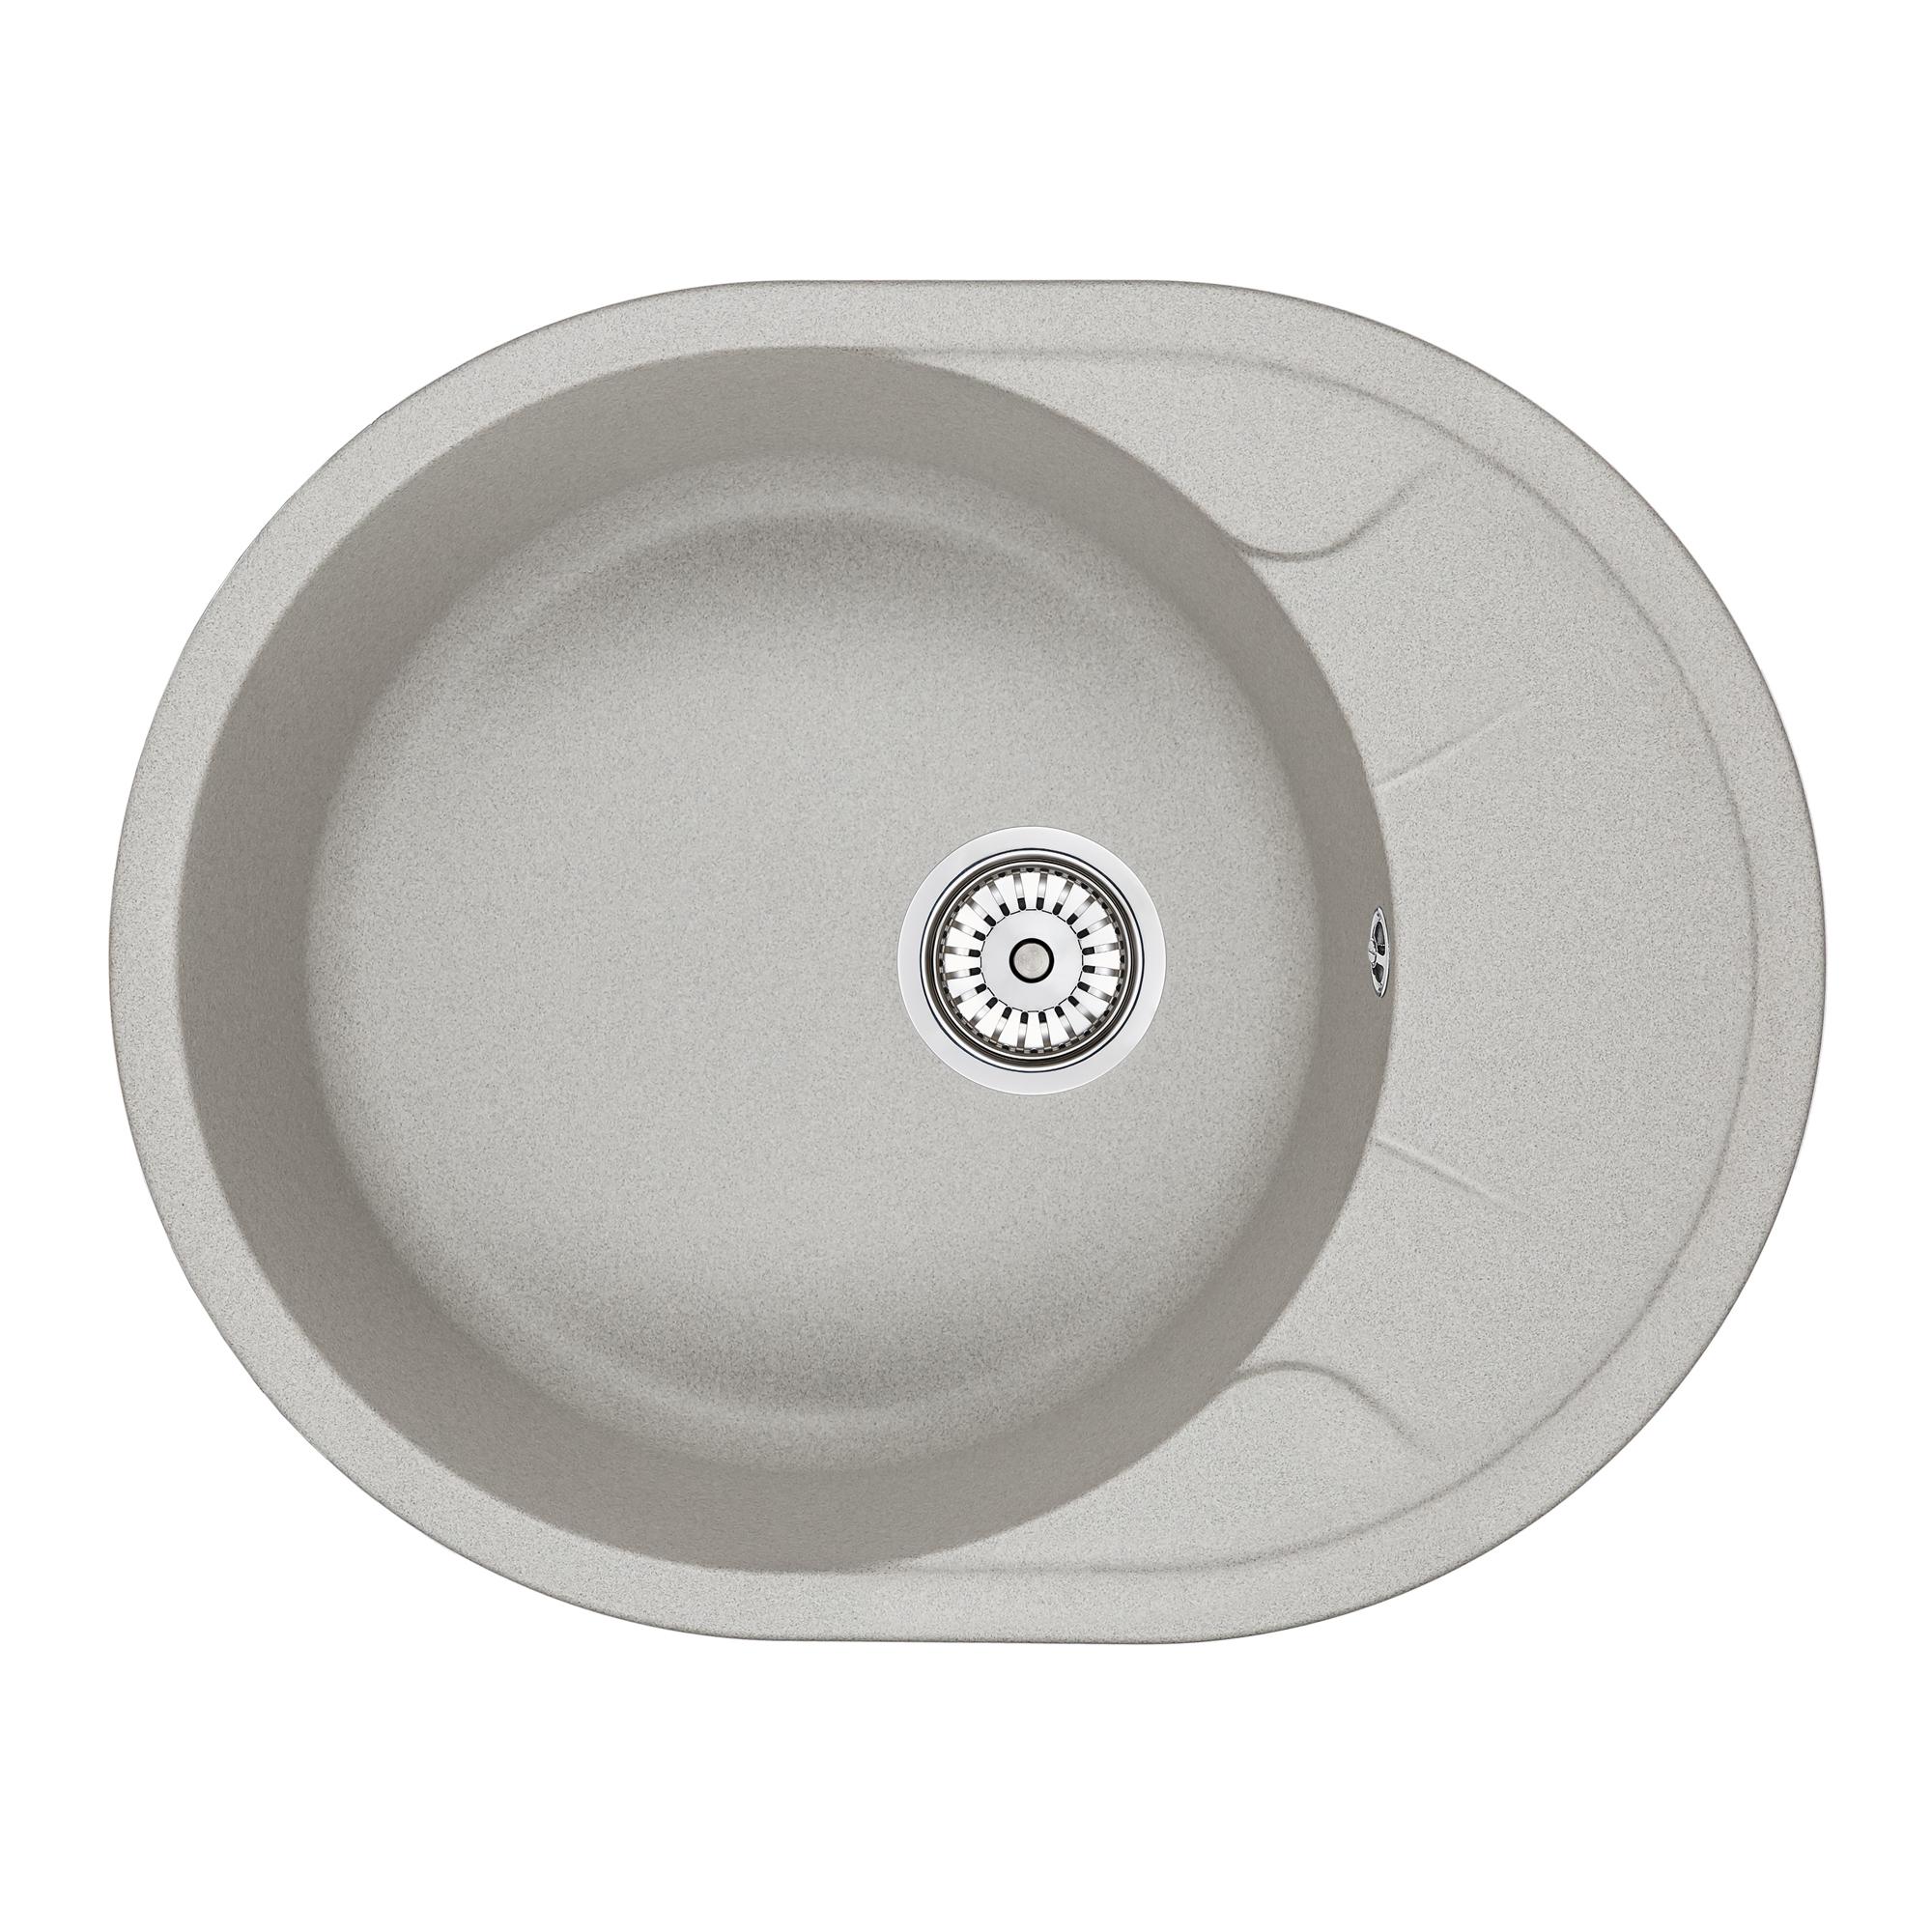 Кухонная мойка Granula GR-6301 630х500 базальт кухонная мойка teka centroval mic